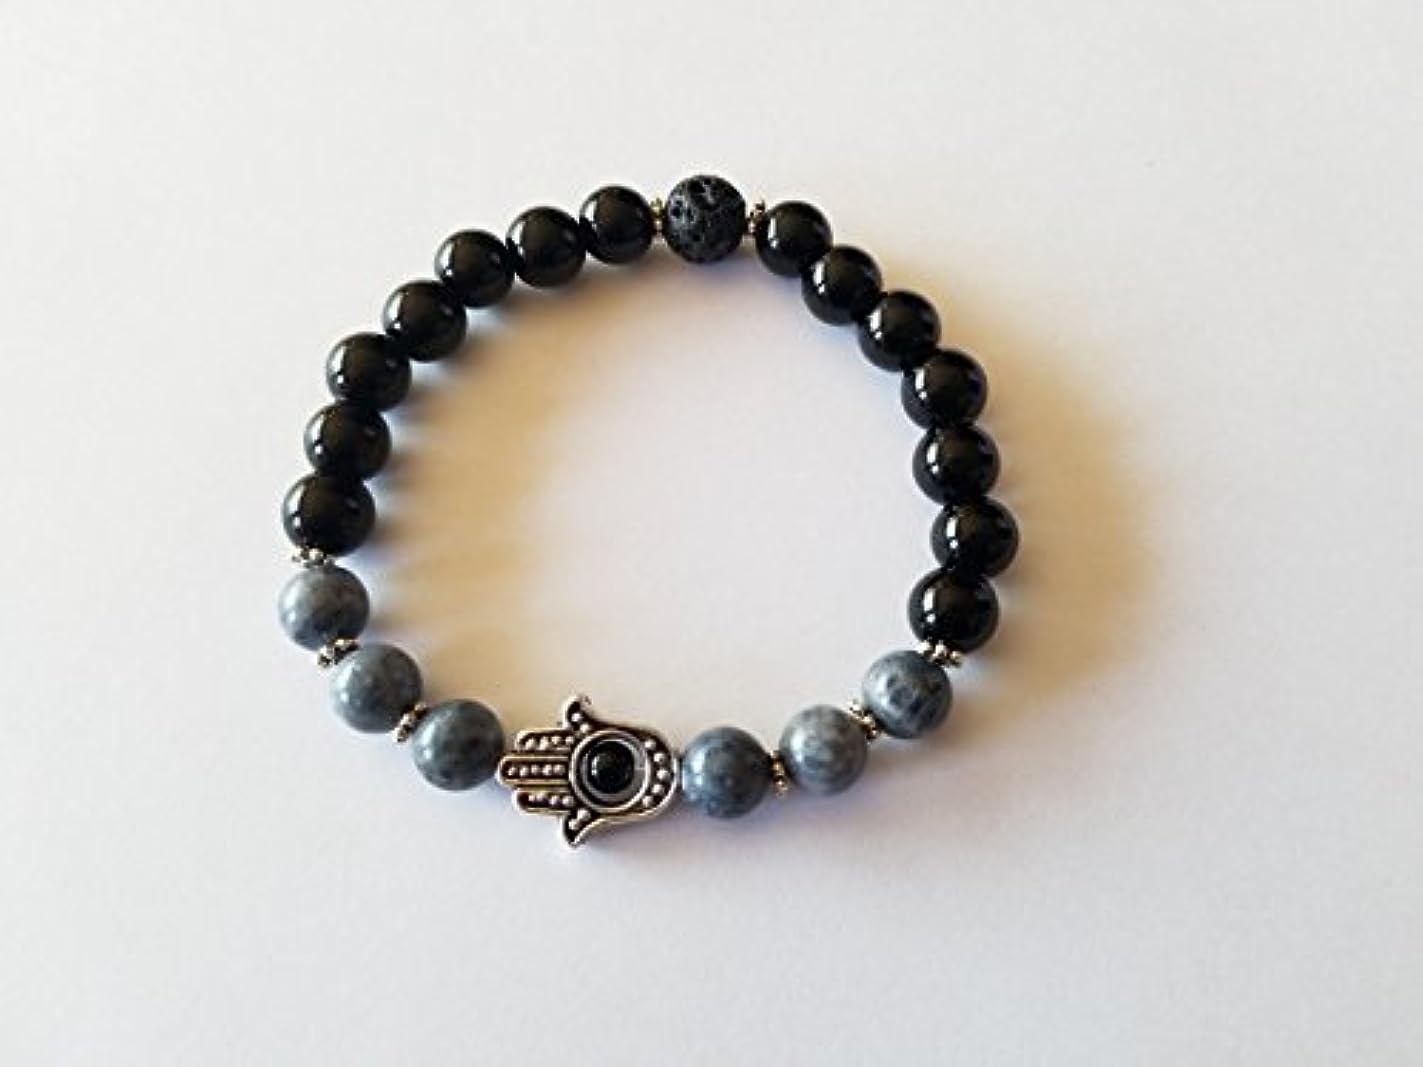 殺します展示会杭Handmade RARE Blue Coral Black Jasper and Black Lava Essential Oil Diffuser Bracelet featuring Hamsa Hand - 7...